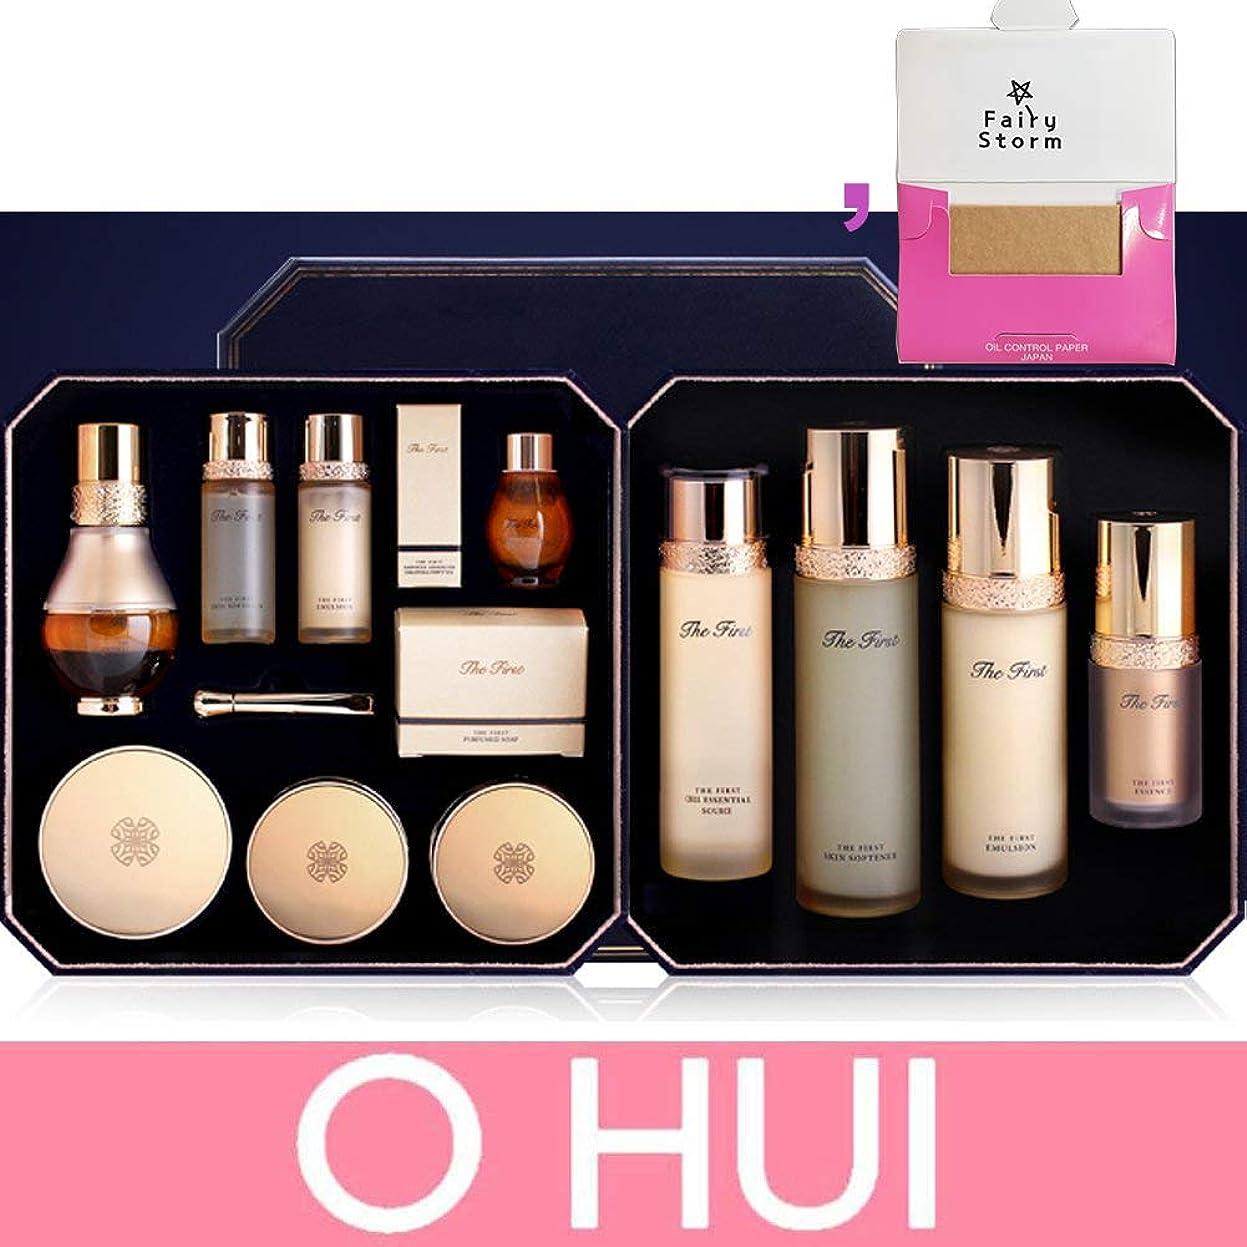 動詞にんじん硫黄[オフィス/ O HUI] OHUI The First GENITURE Set / Skincare Full Set / オフィスよりファーストパース - ジSkincare Set + [Sample Gift](海外直送品)